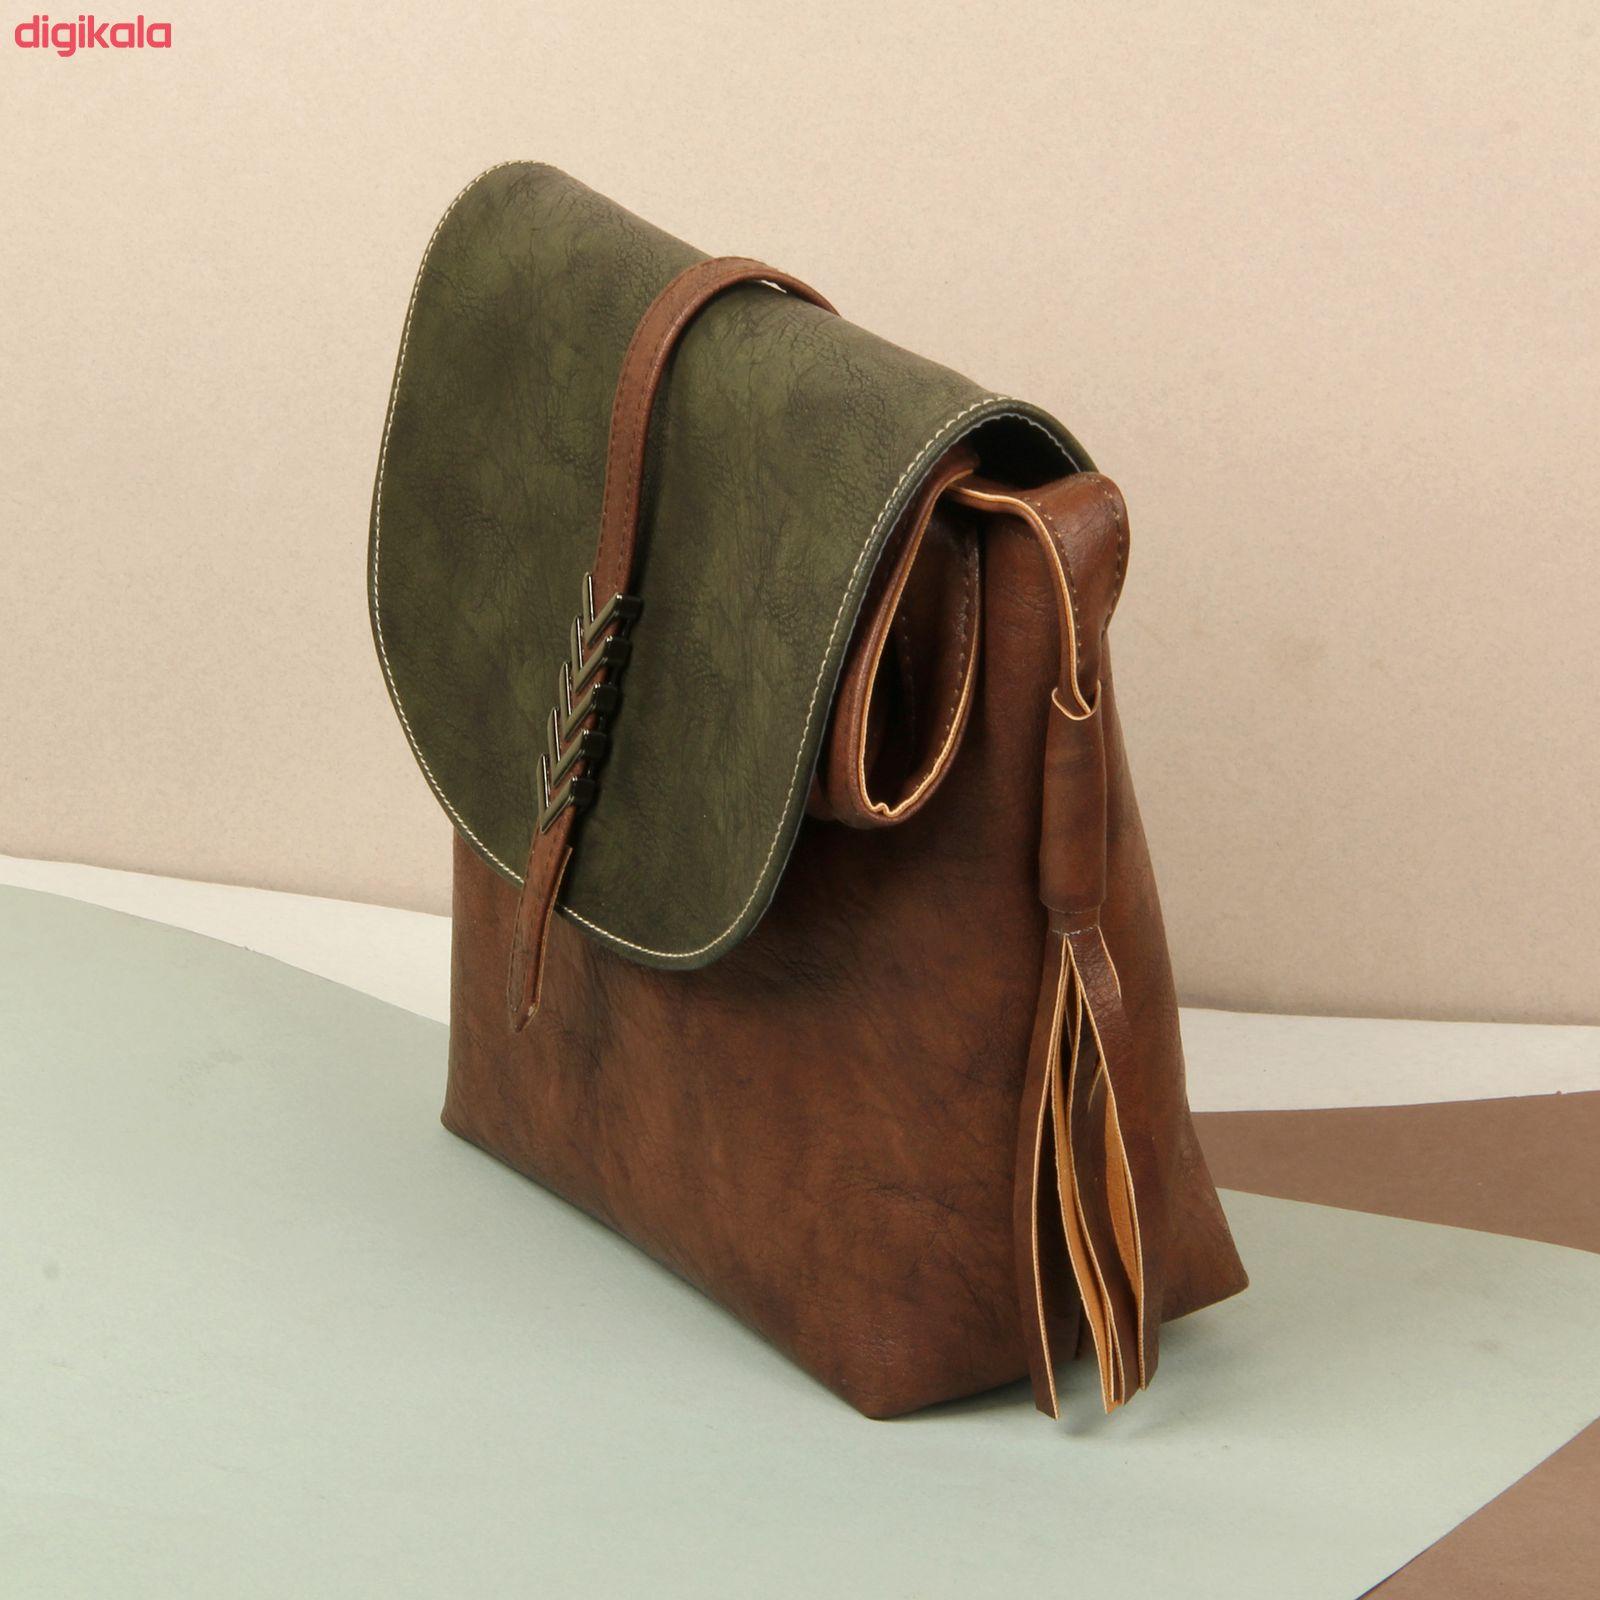 ست کیف و کفش زنانه باب مدل بهار کد 928-3 main 1 5